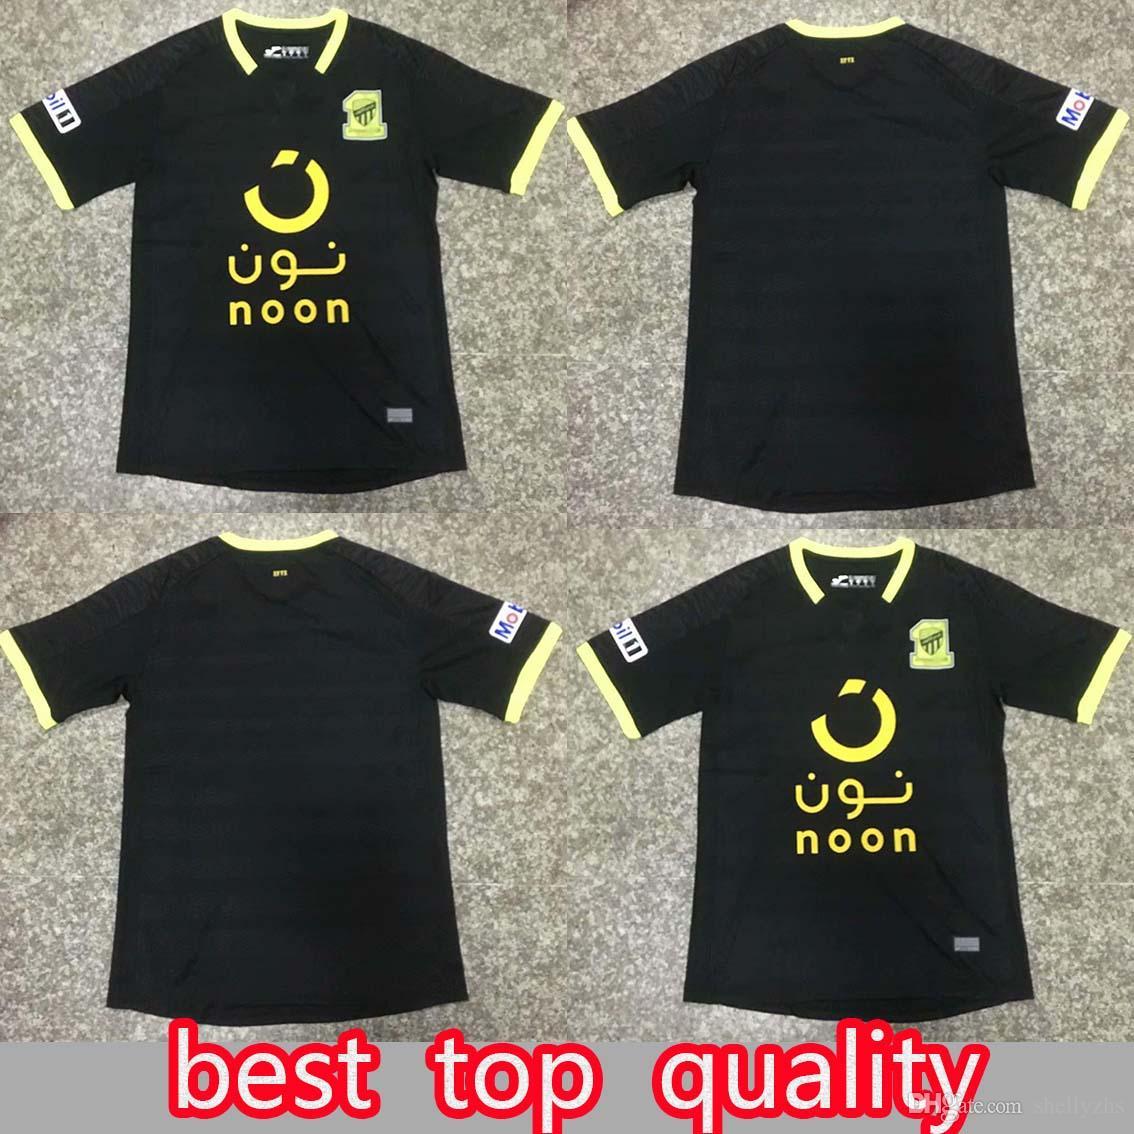 021ee86c94d01 Camisetas De Fútbol 2019 2020 Al Ittihad Jeddah SA Camisetas De Fútbol  Personalizado Cualquier Nombre Número Casa Negro 19 20 Camiseta De Fútbol  Por ...